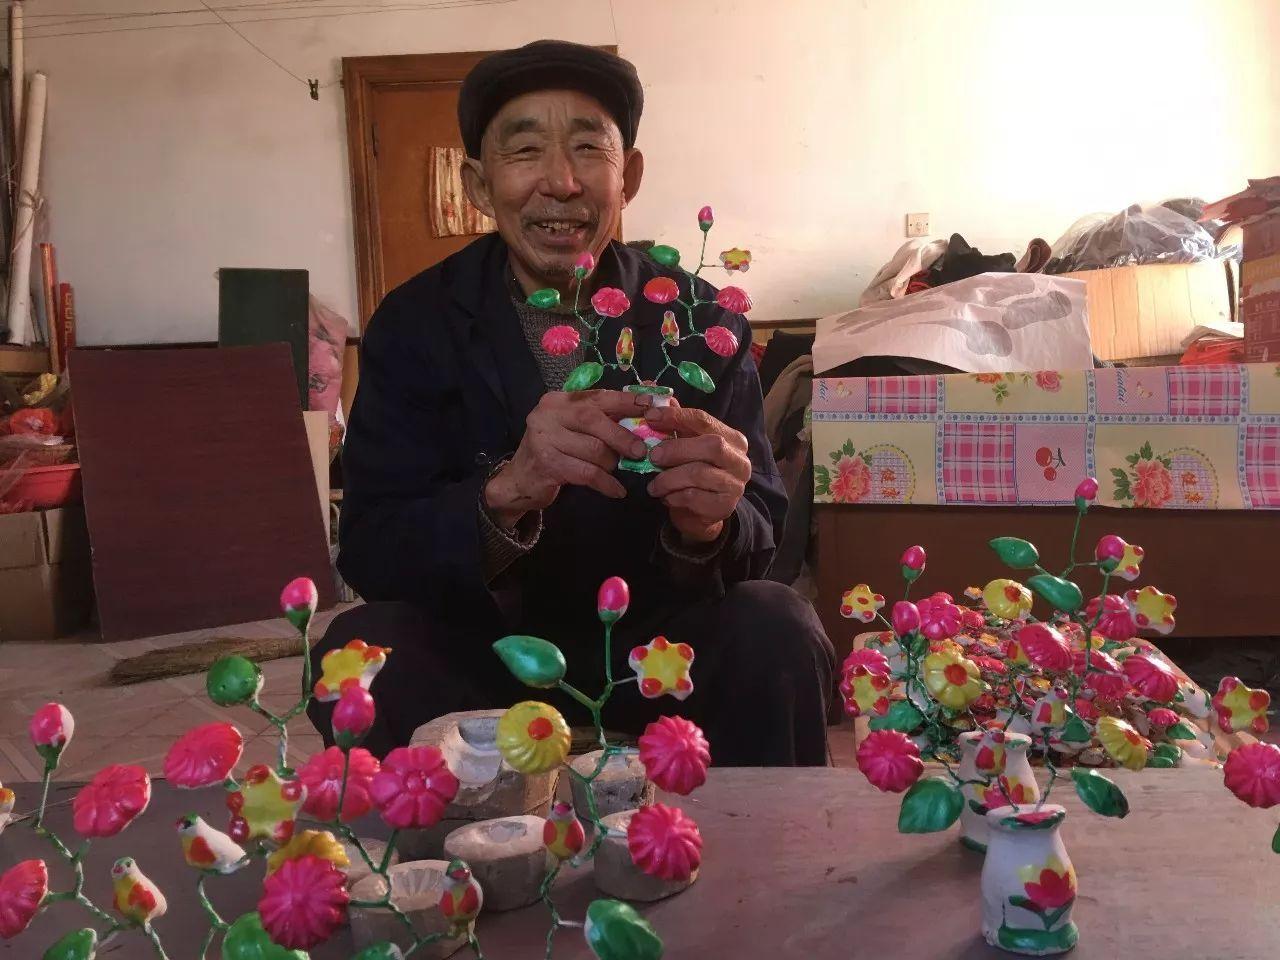 杜崇顺老人和他制作的泥花图片